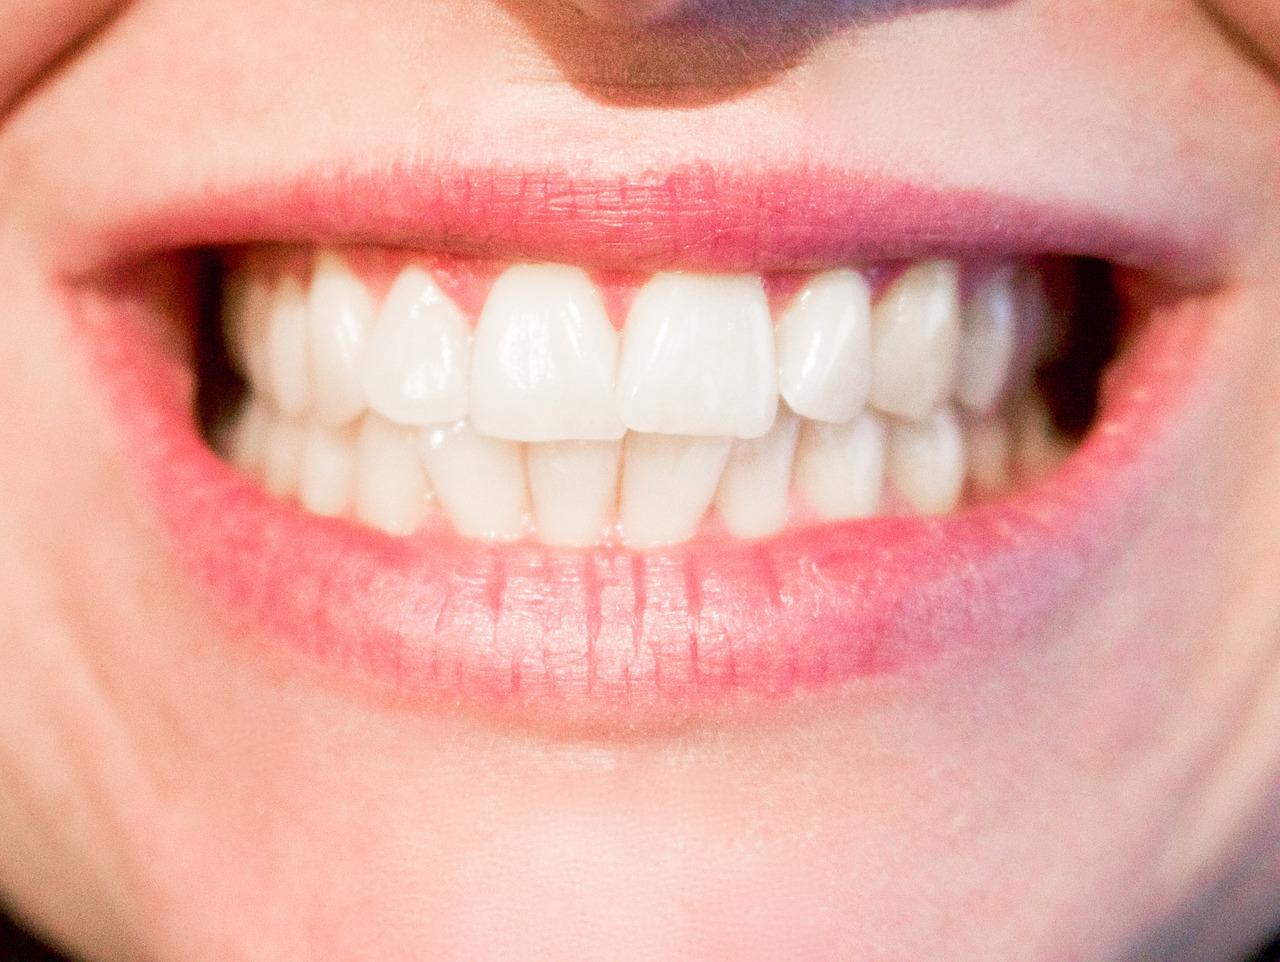 え?何もしてないのに歯茎から出血!大量出血の場合は危険な病気?